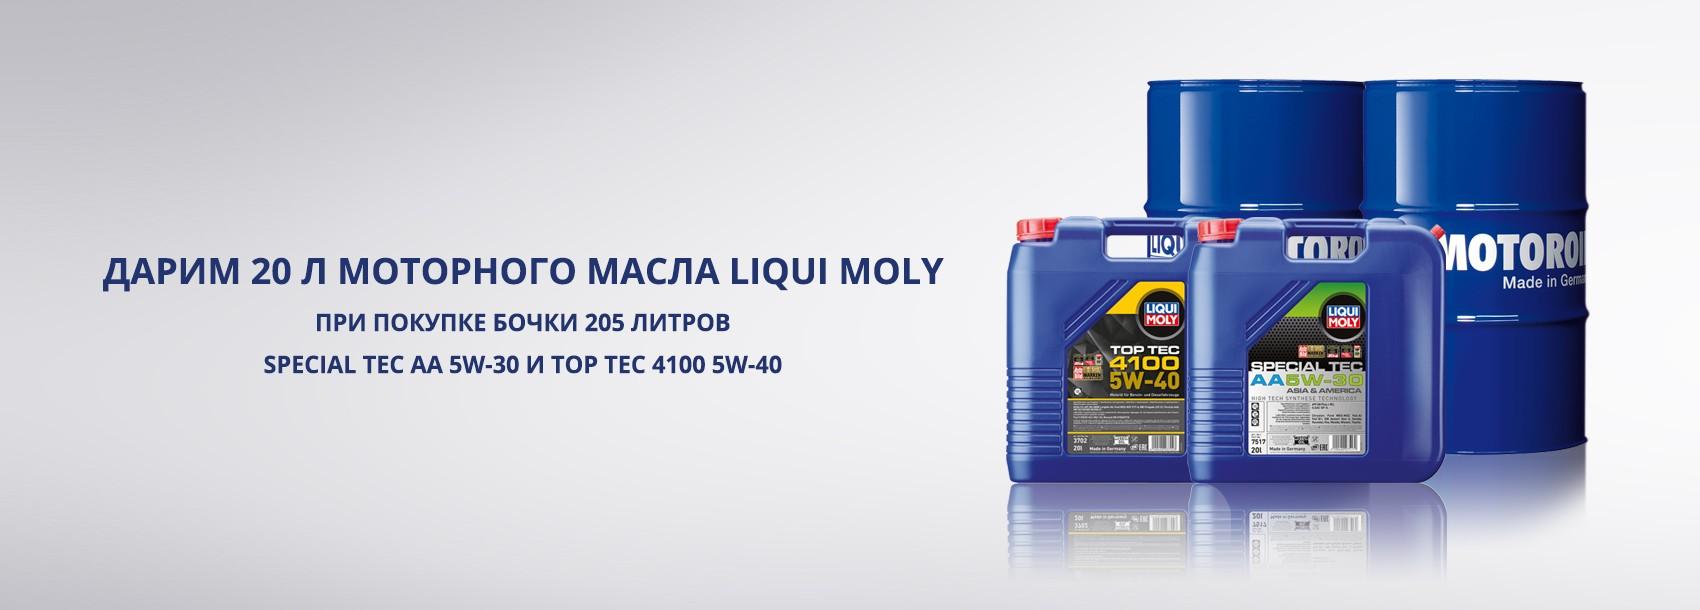 Дарим 20 литров моторного масла Liqui Moly